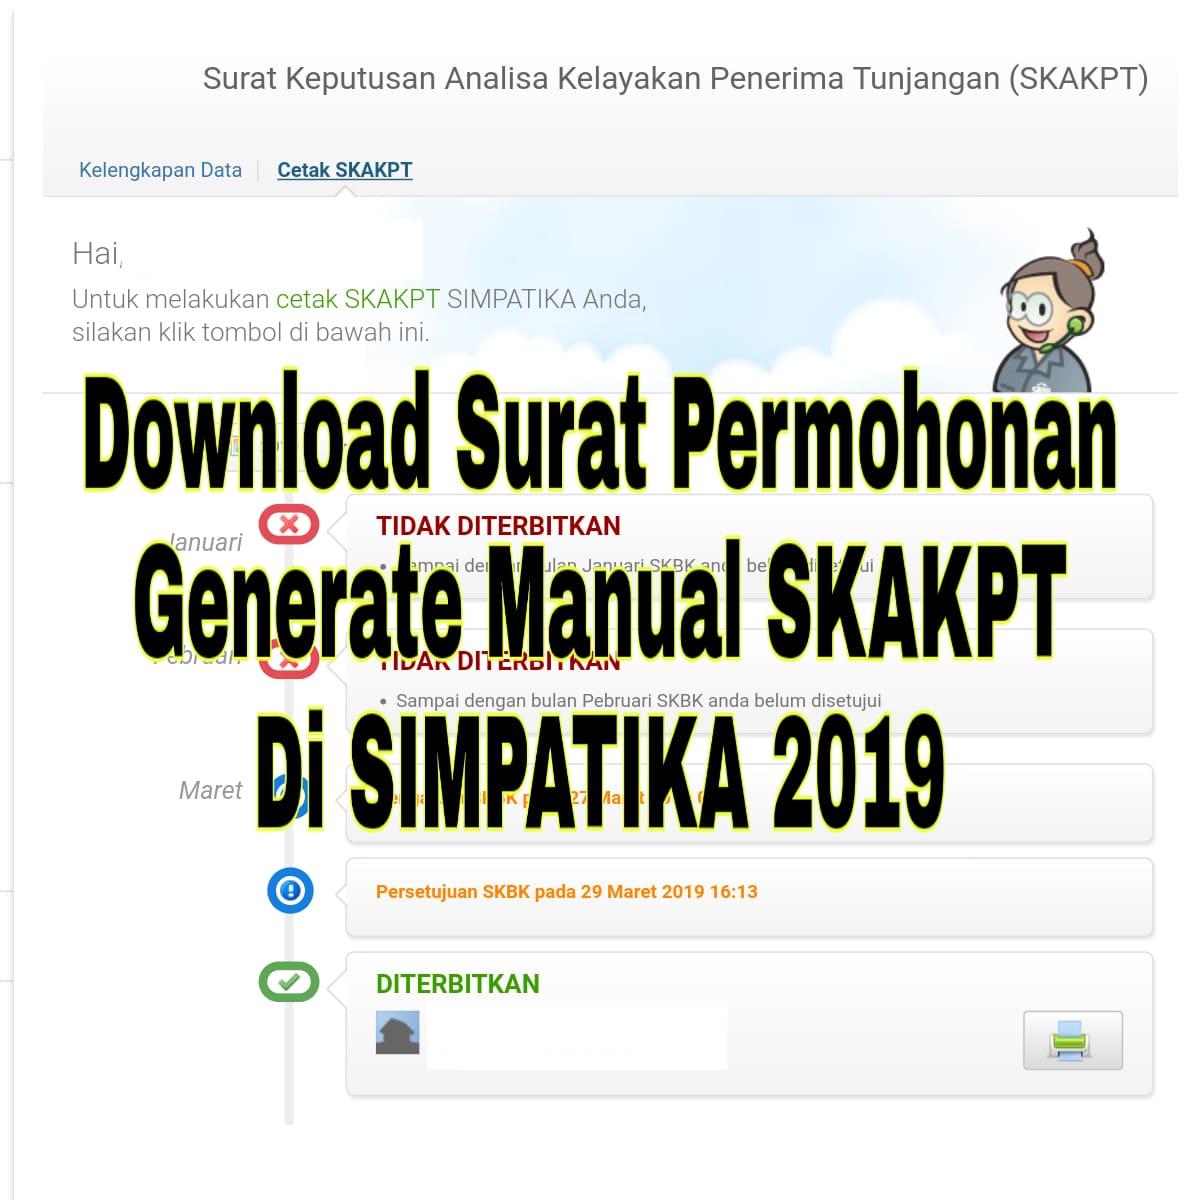 Download Surat Permohonan Generate Manual Skakpt Di